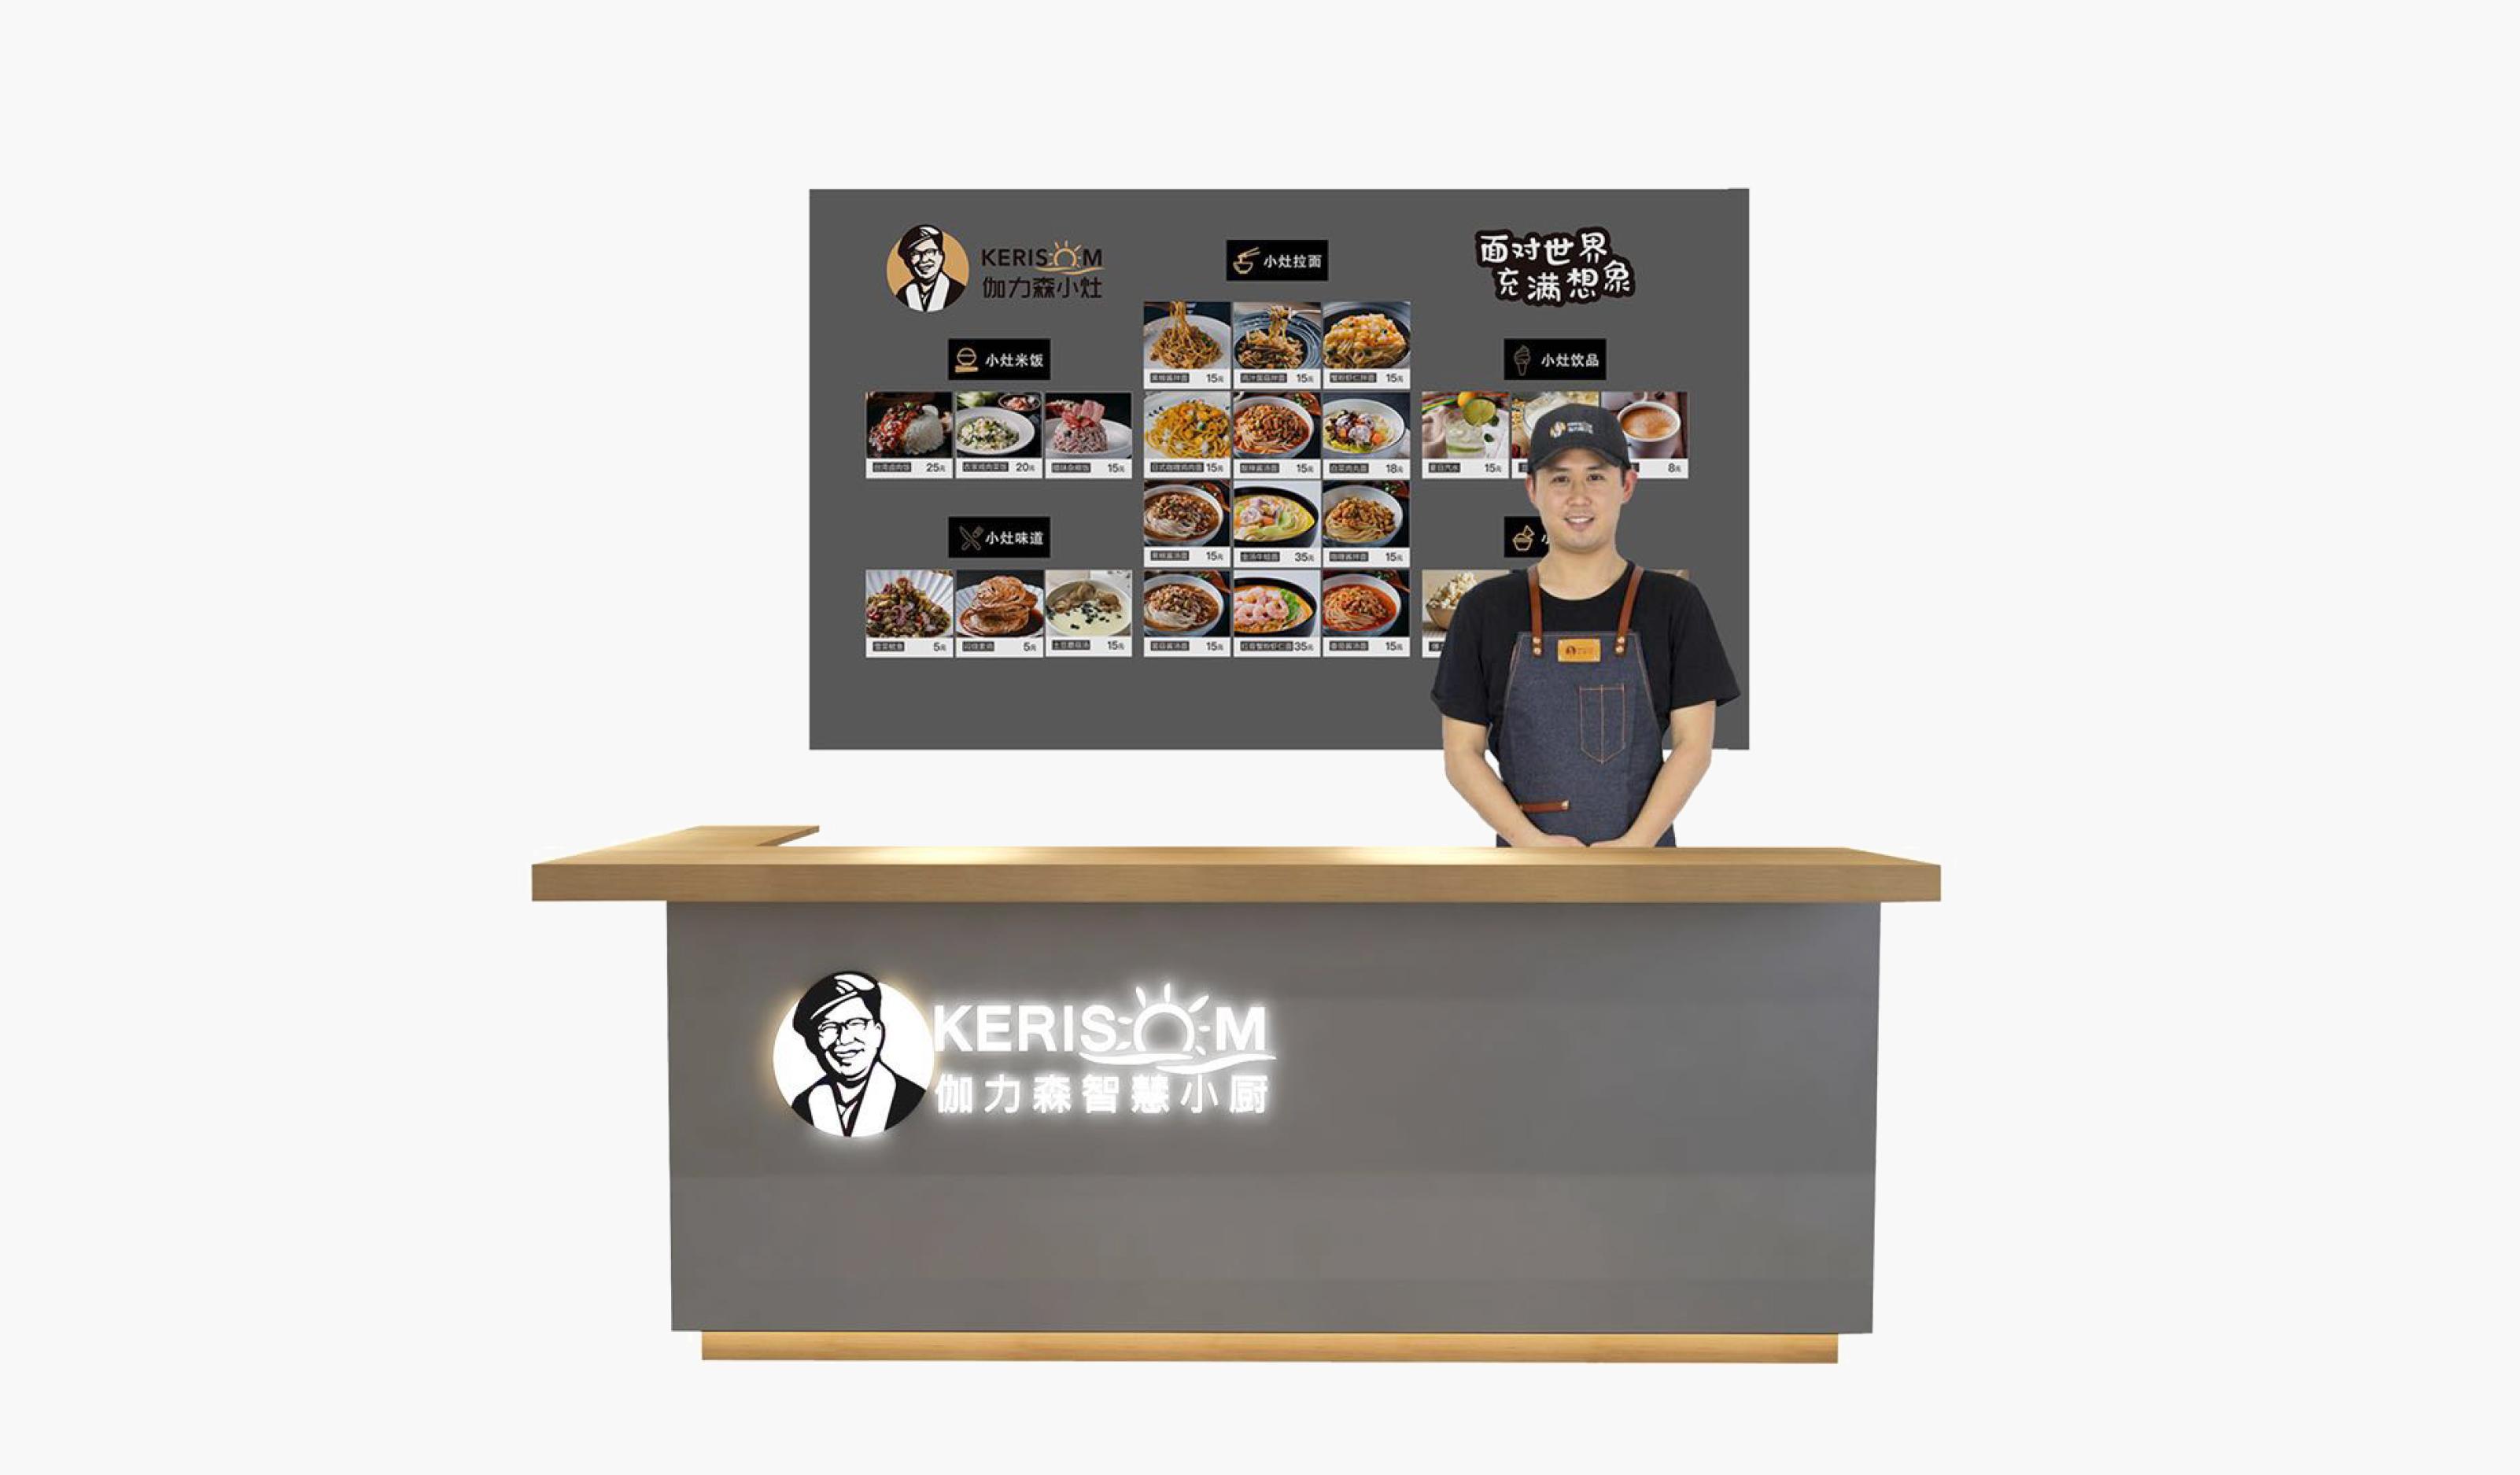 伽力森品牌气质定位设计:点餐吧台